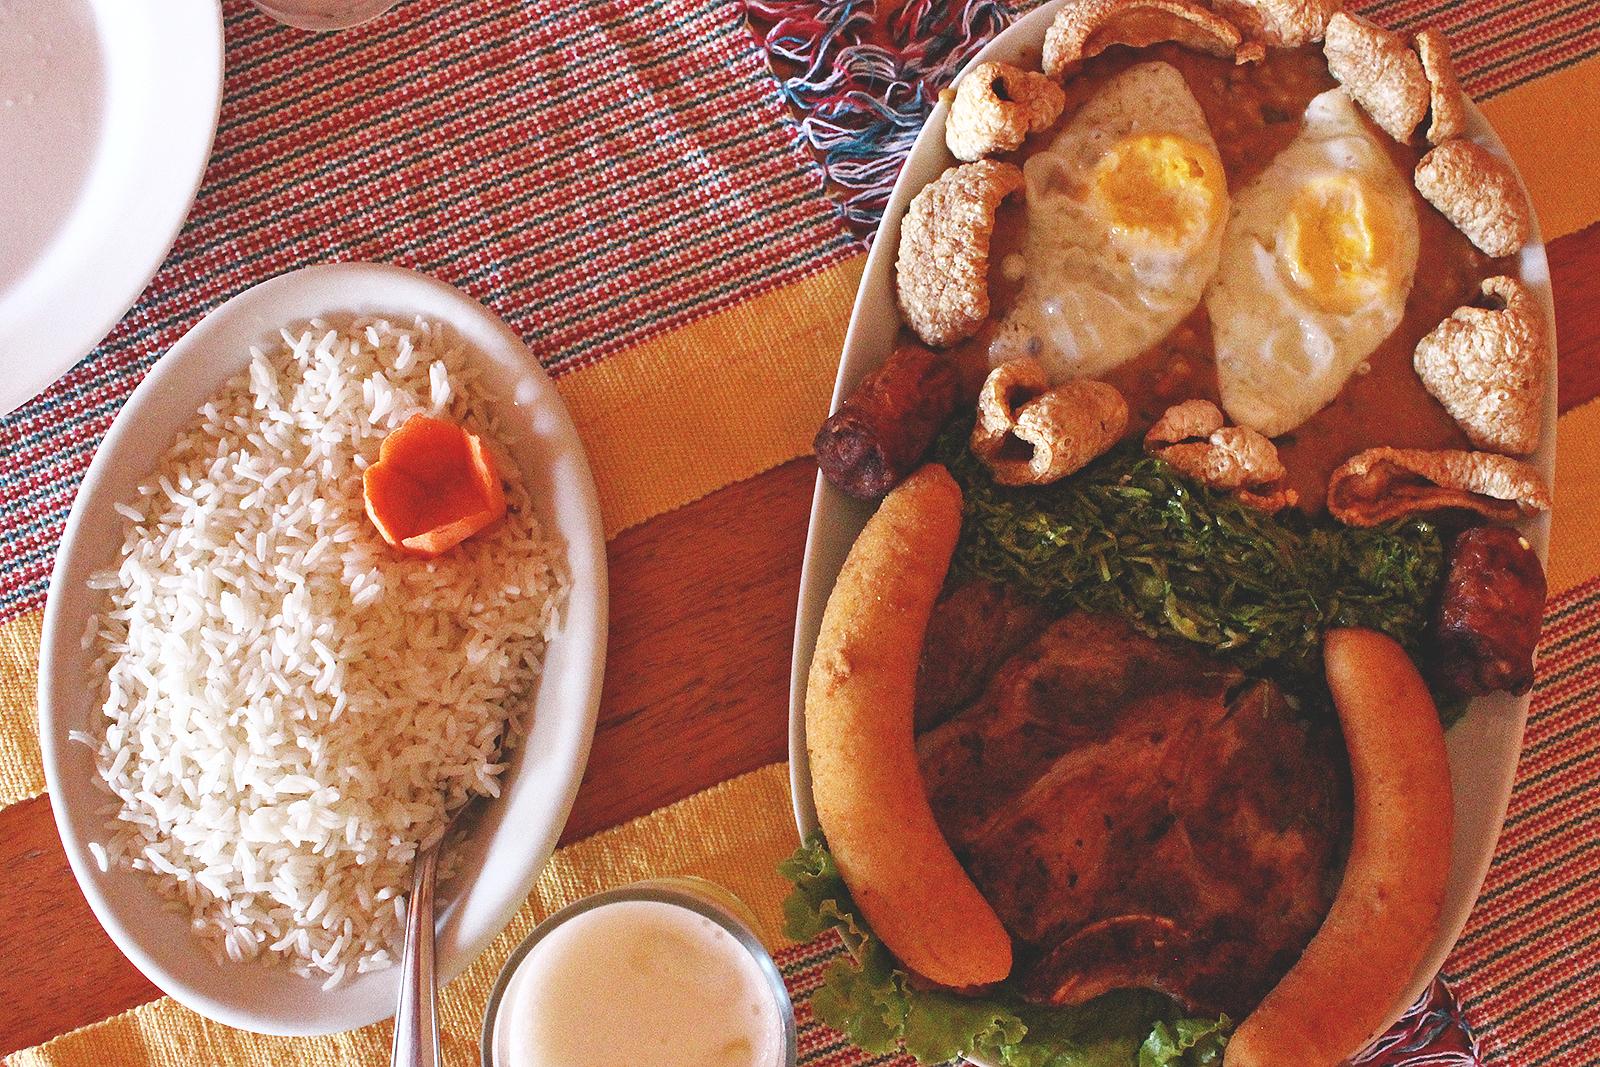 mesa restaurante comida caseira